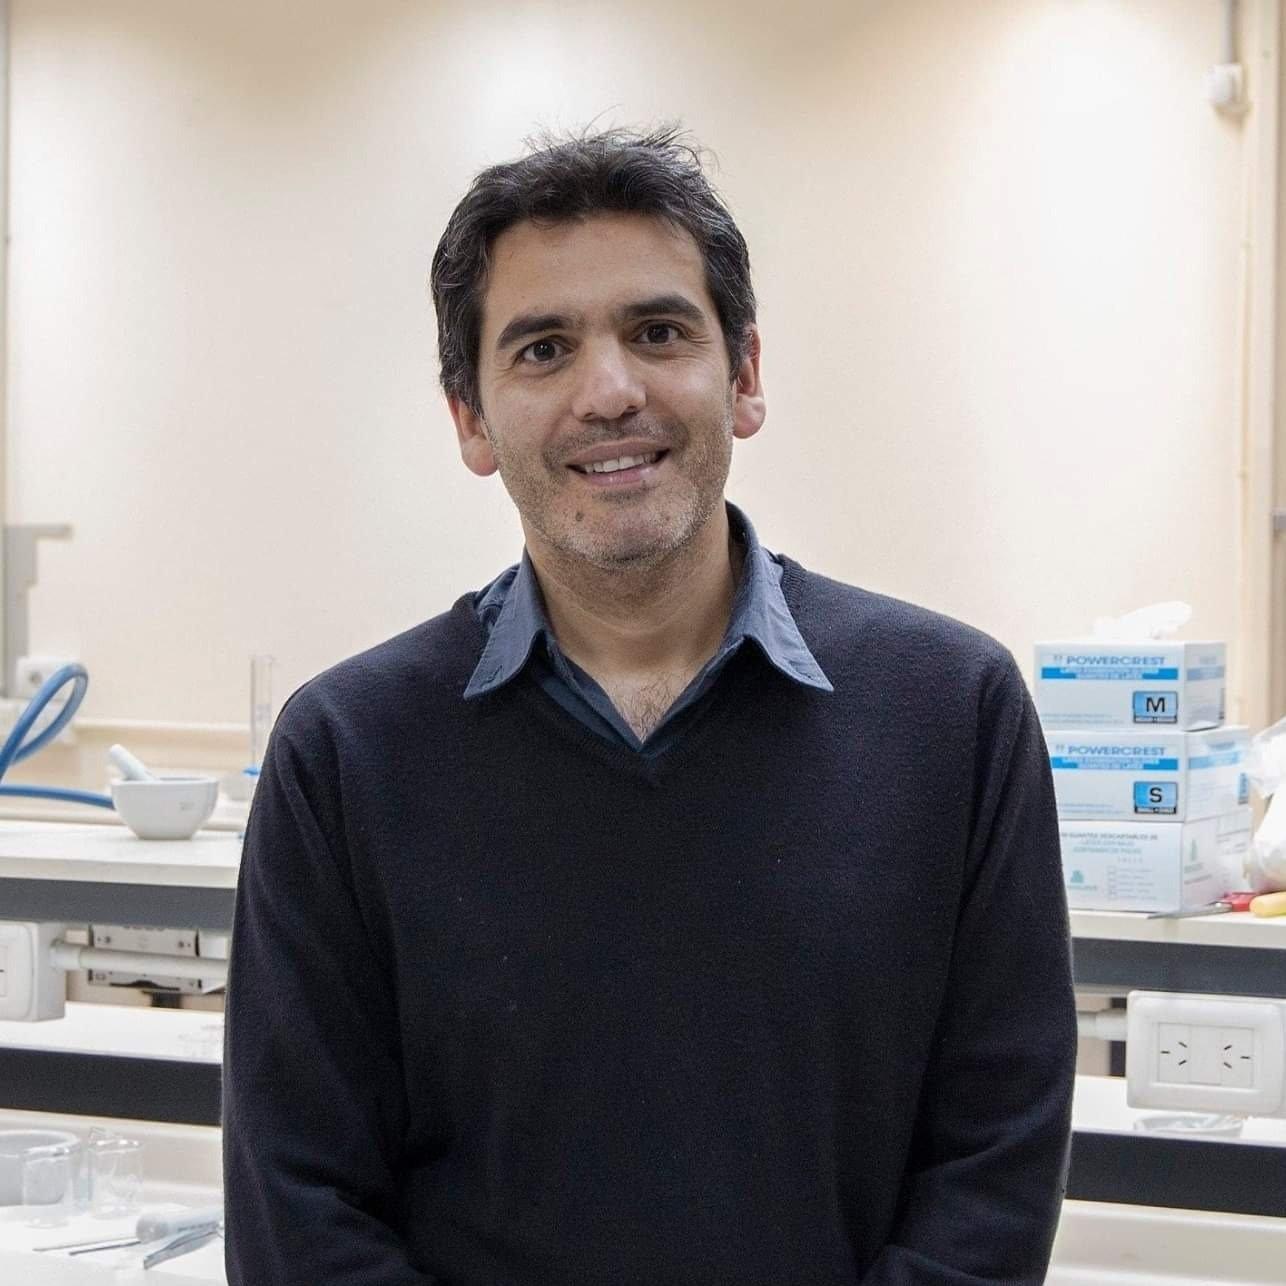 Santiago Palma, uno de los científicos participantes en el estudio.